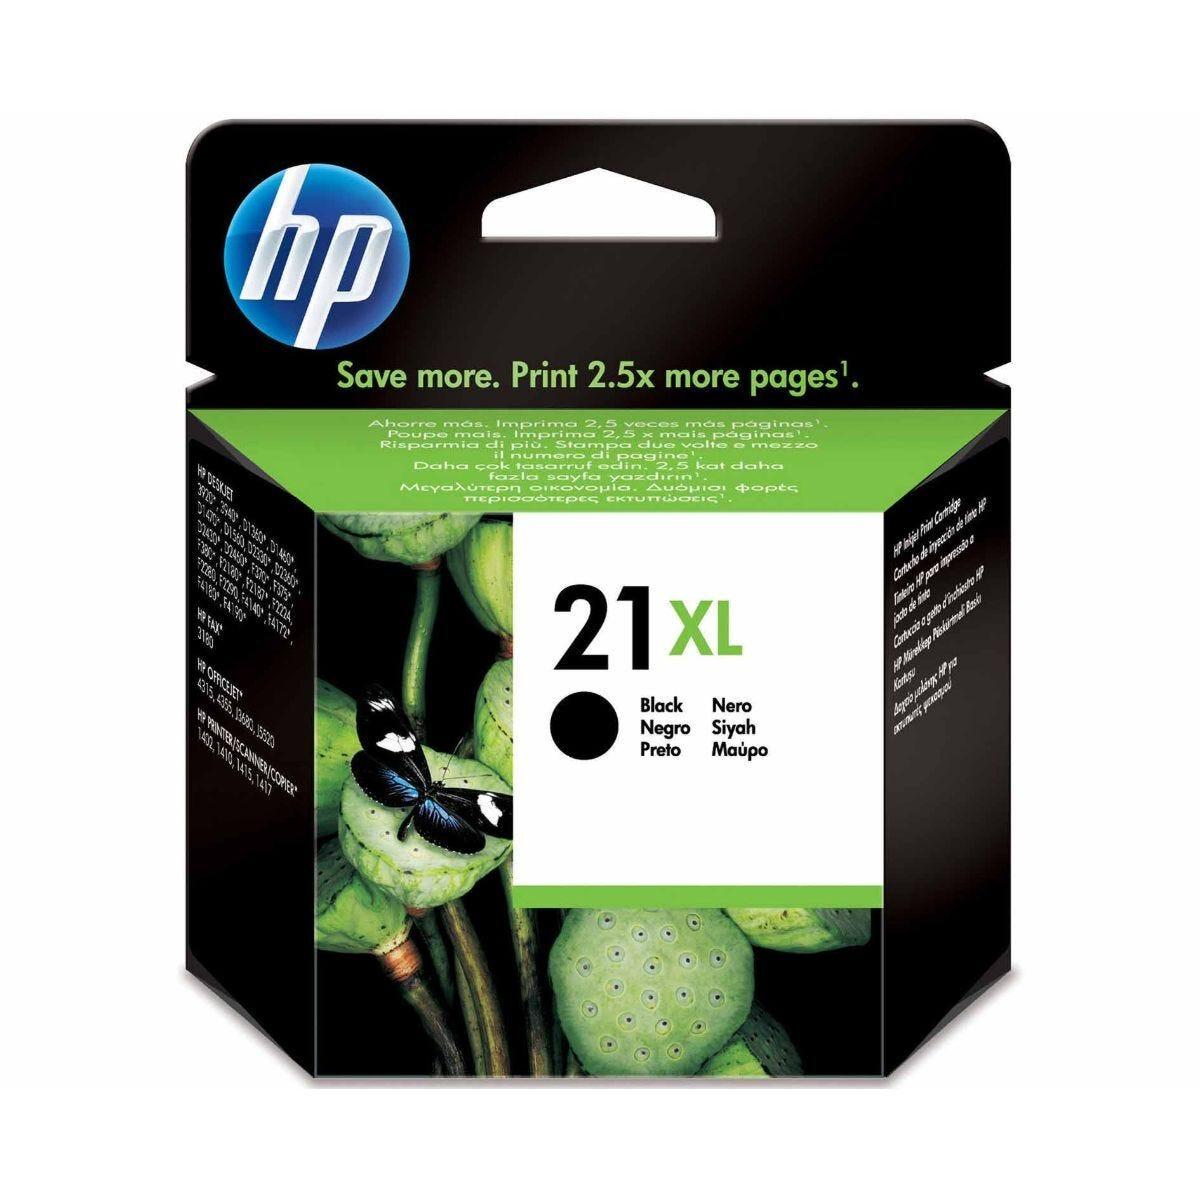 HP 21XL Ink Cartridge 12ml